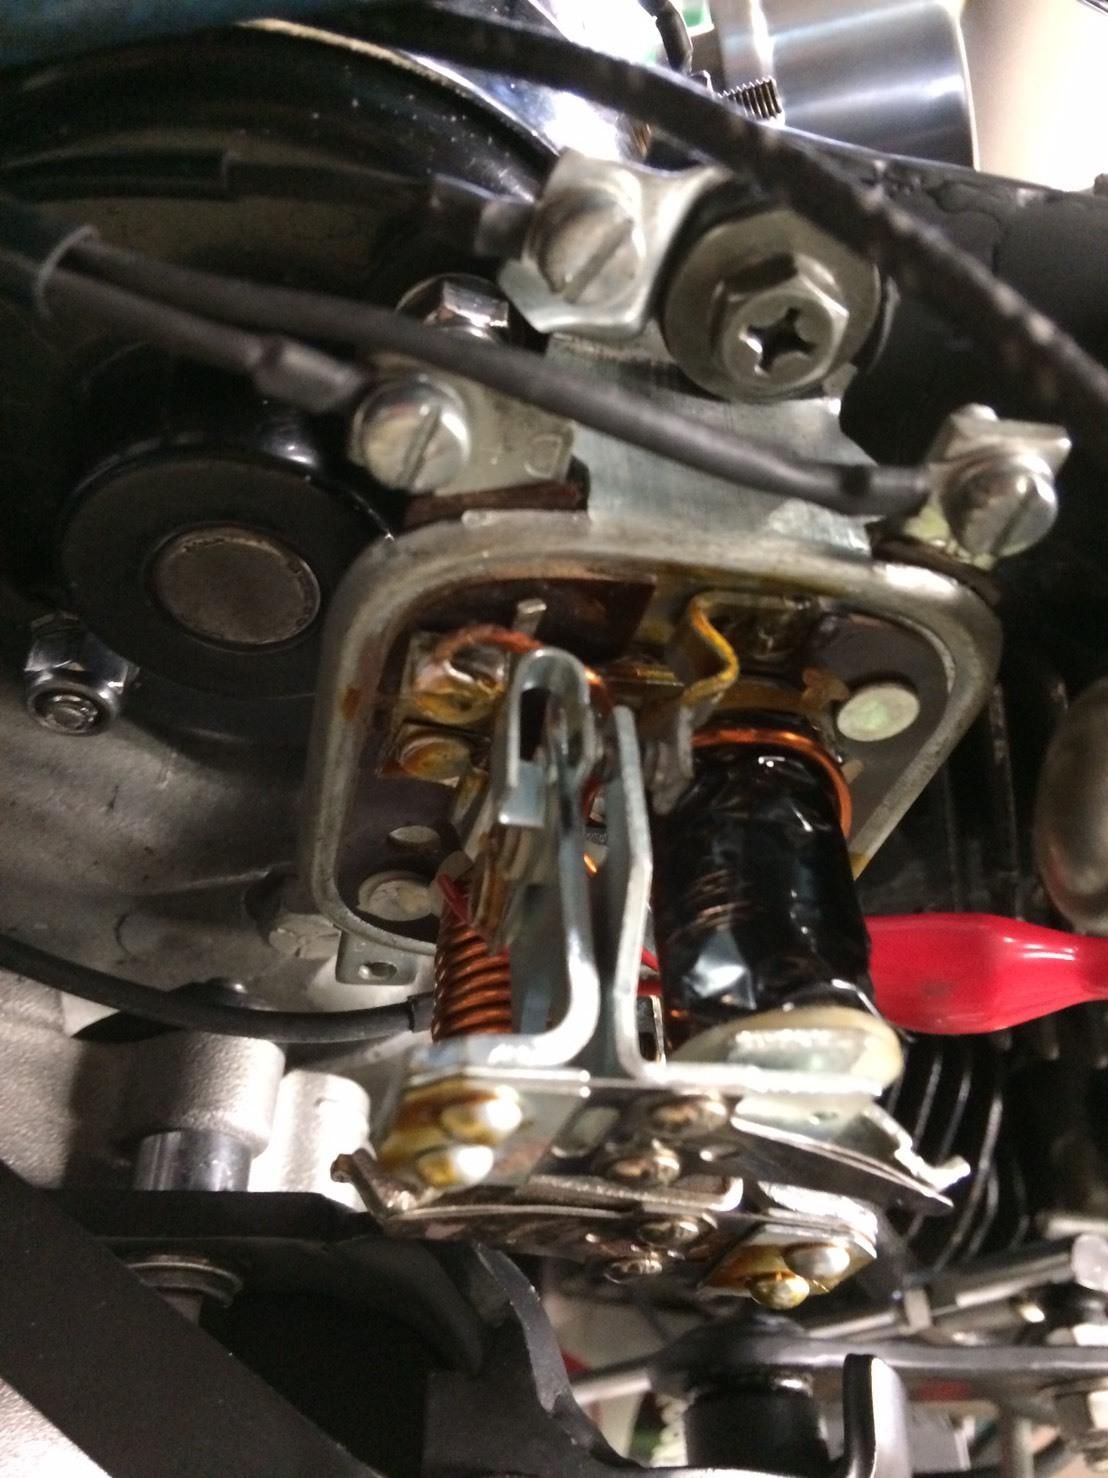 Maintenance & Custom_b0160319_14095864.jpg